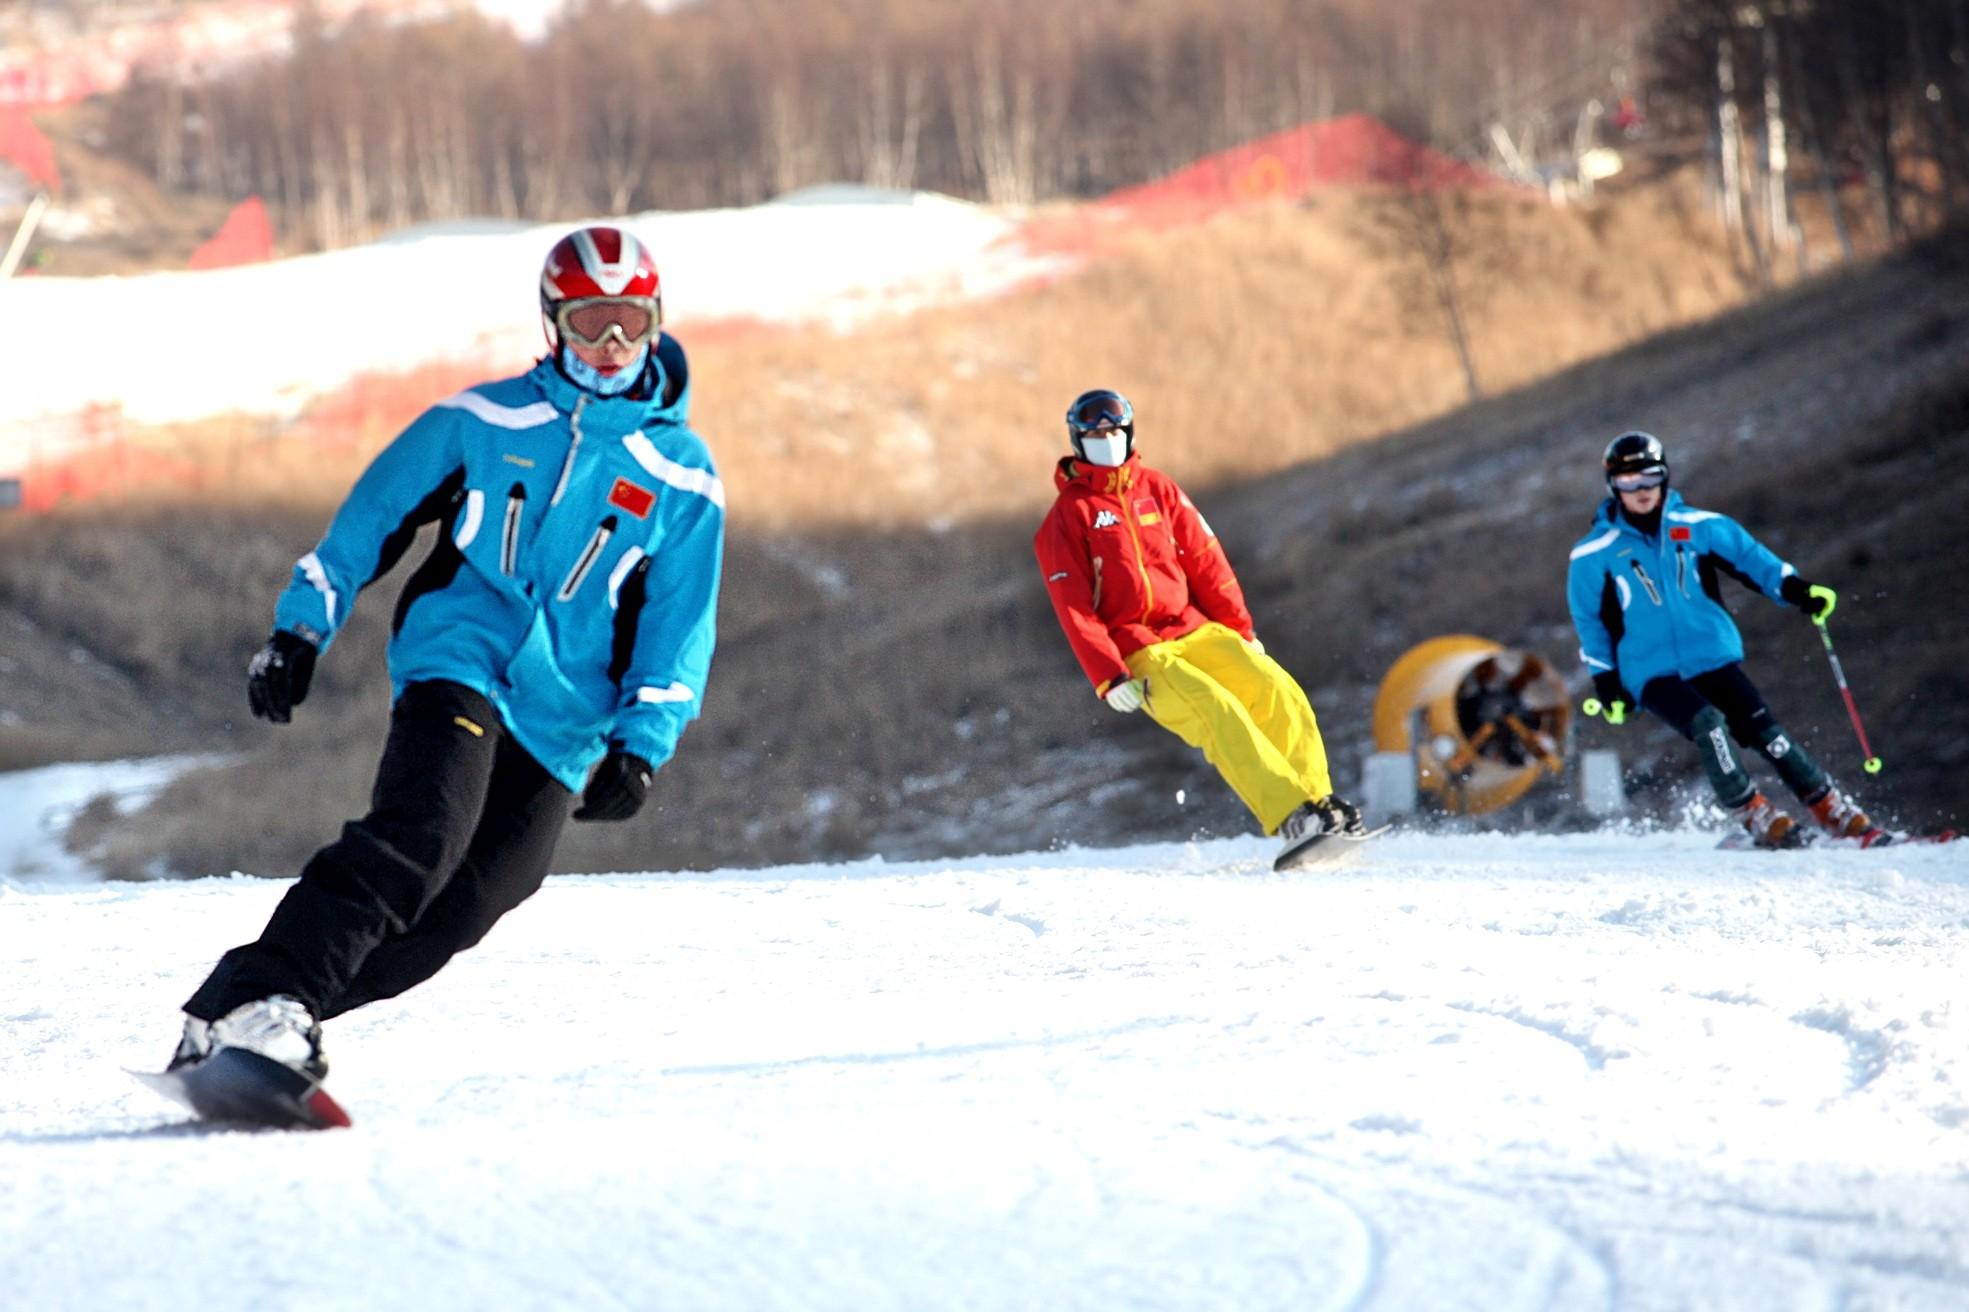 郑州豫龙滑雪场什么时候开业,豫龙滑雪场游玩攻略